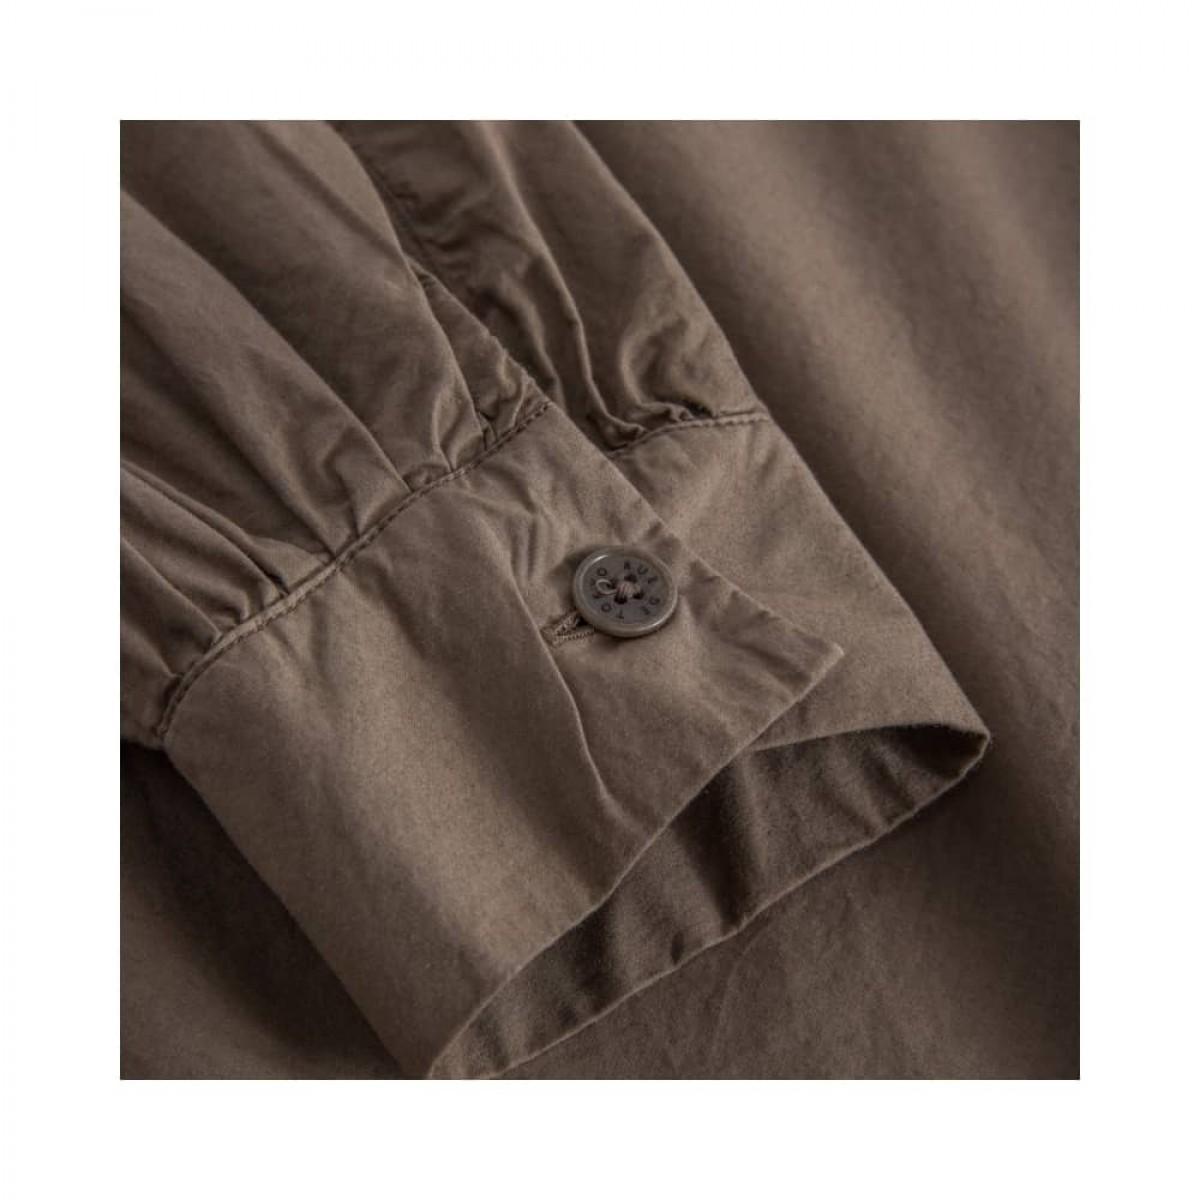 sada skjorte bluse - brown - ærme detalje